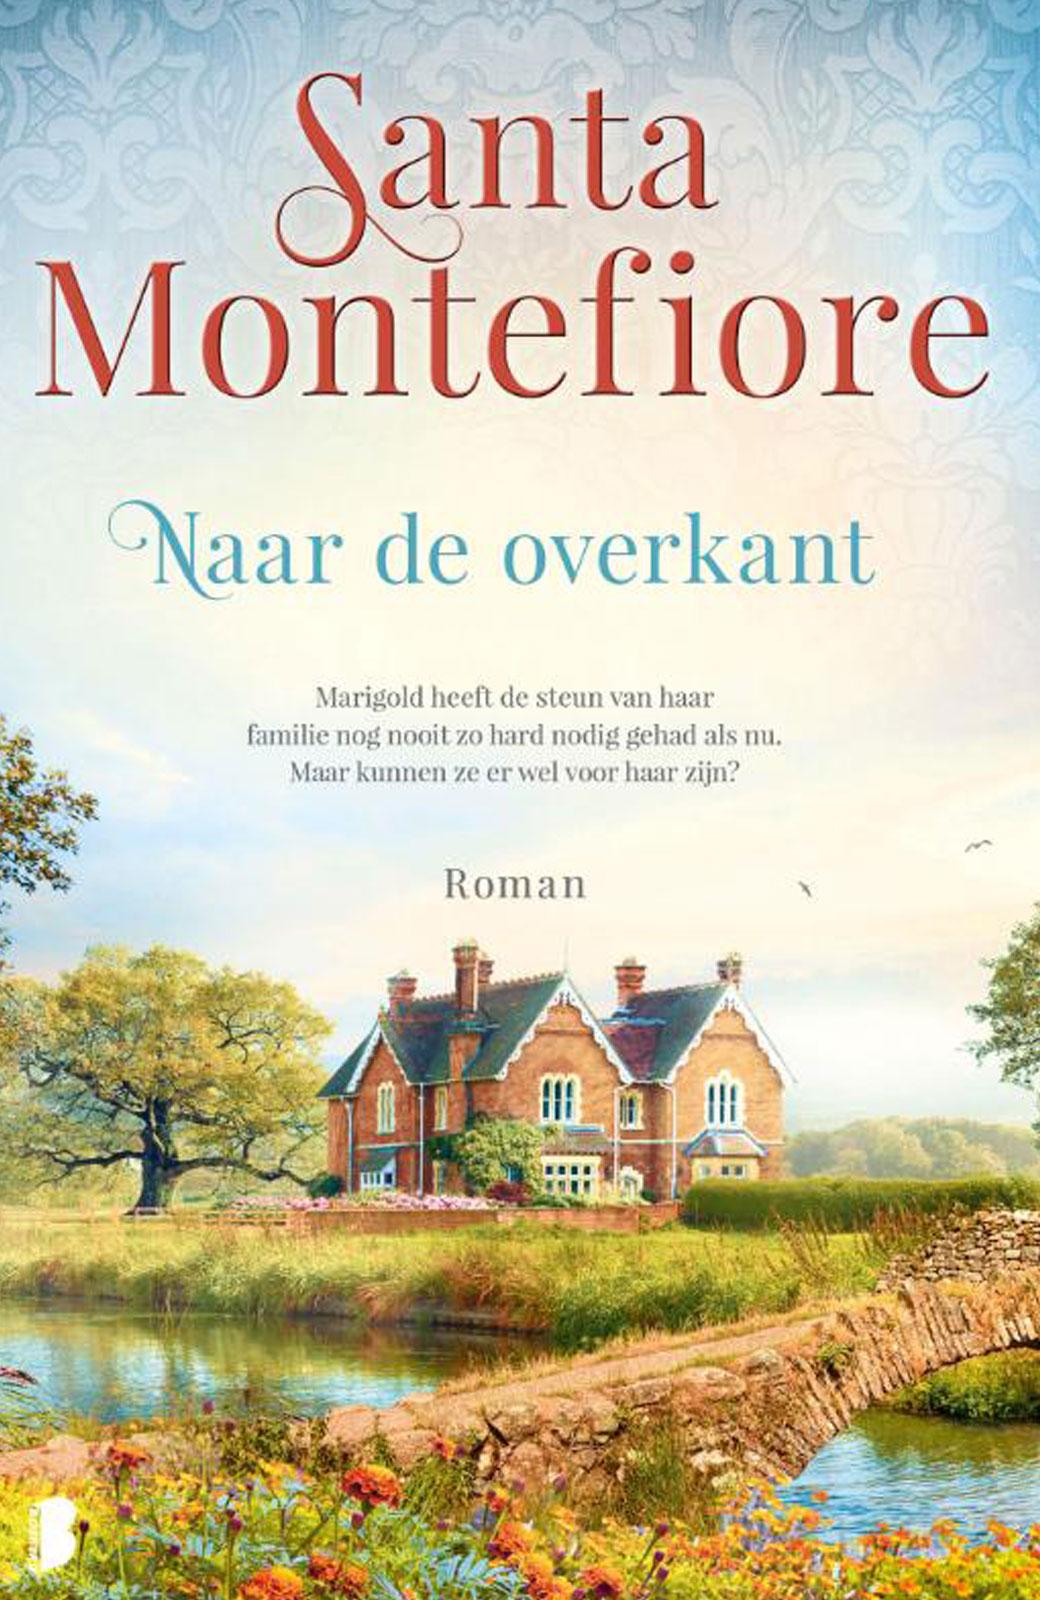 Naar de overkant - boekenflits.nl